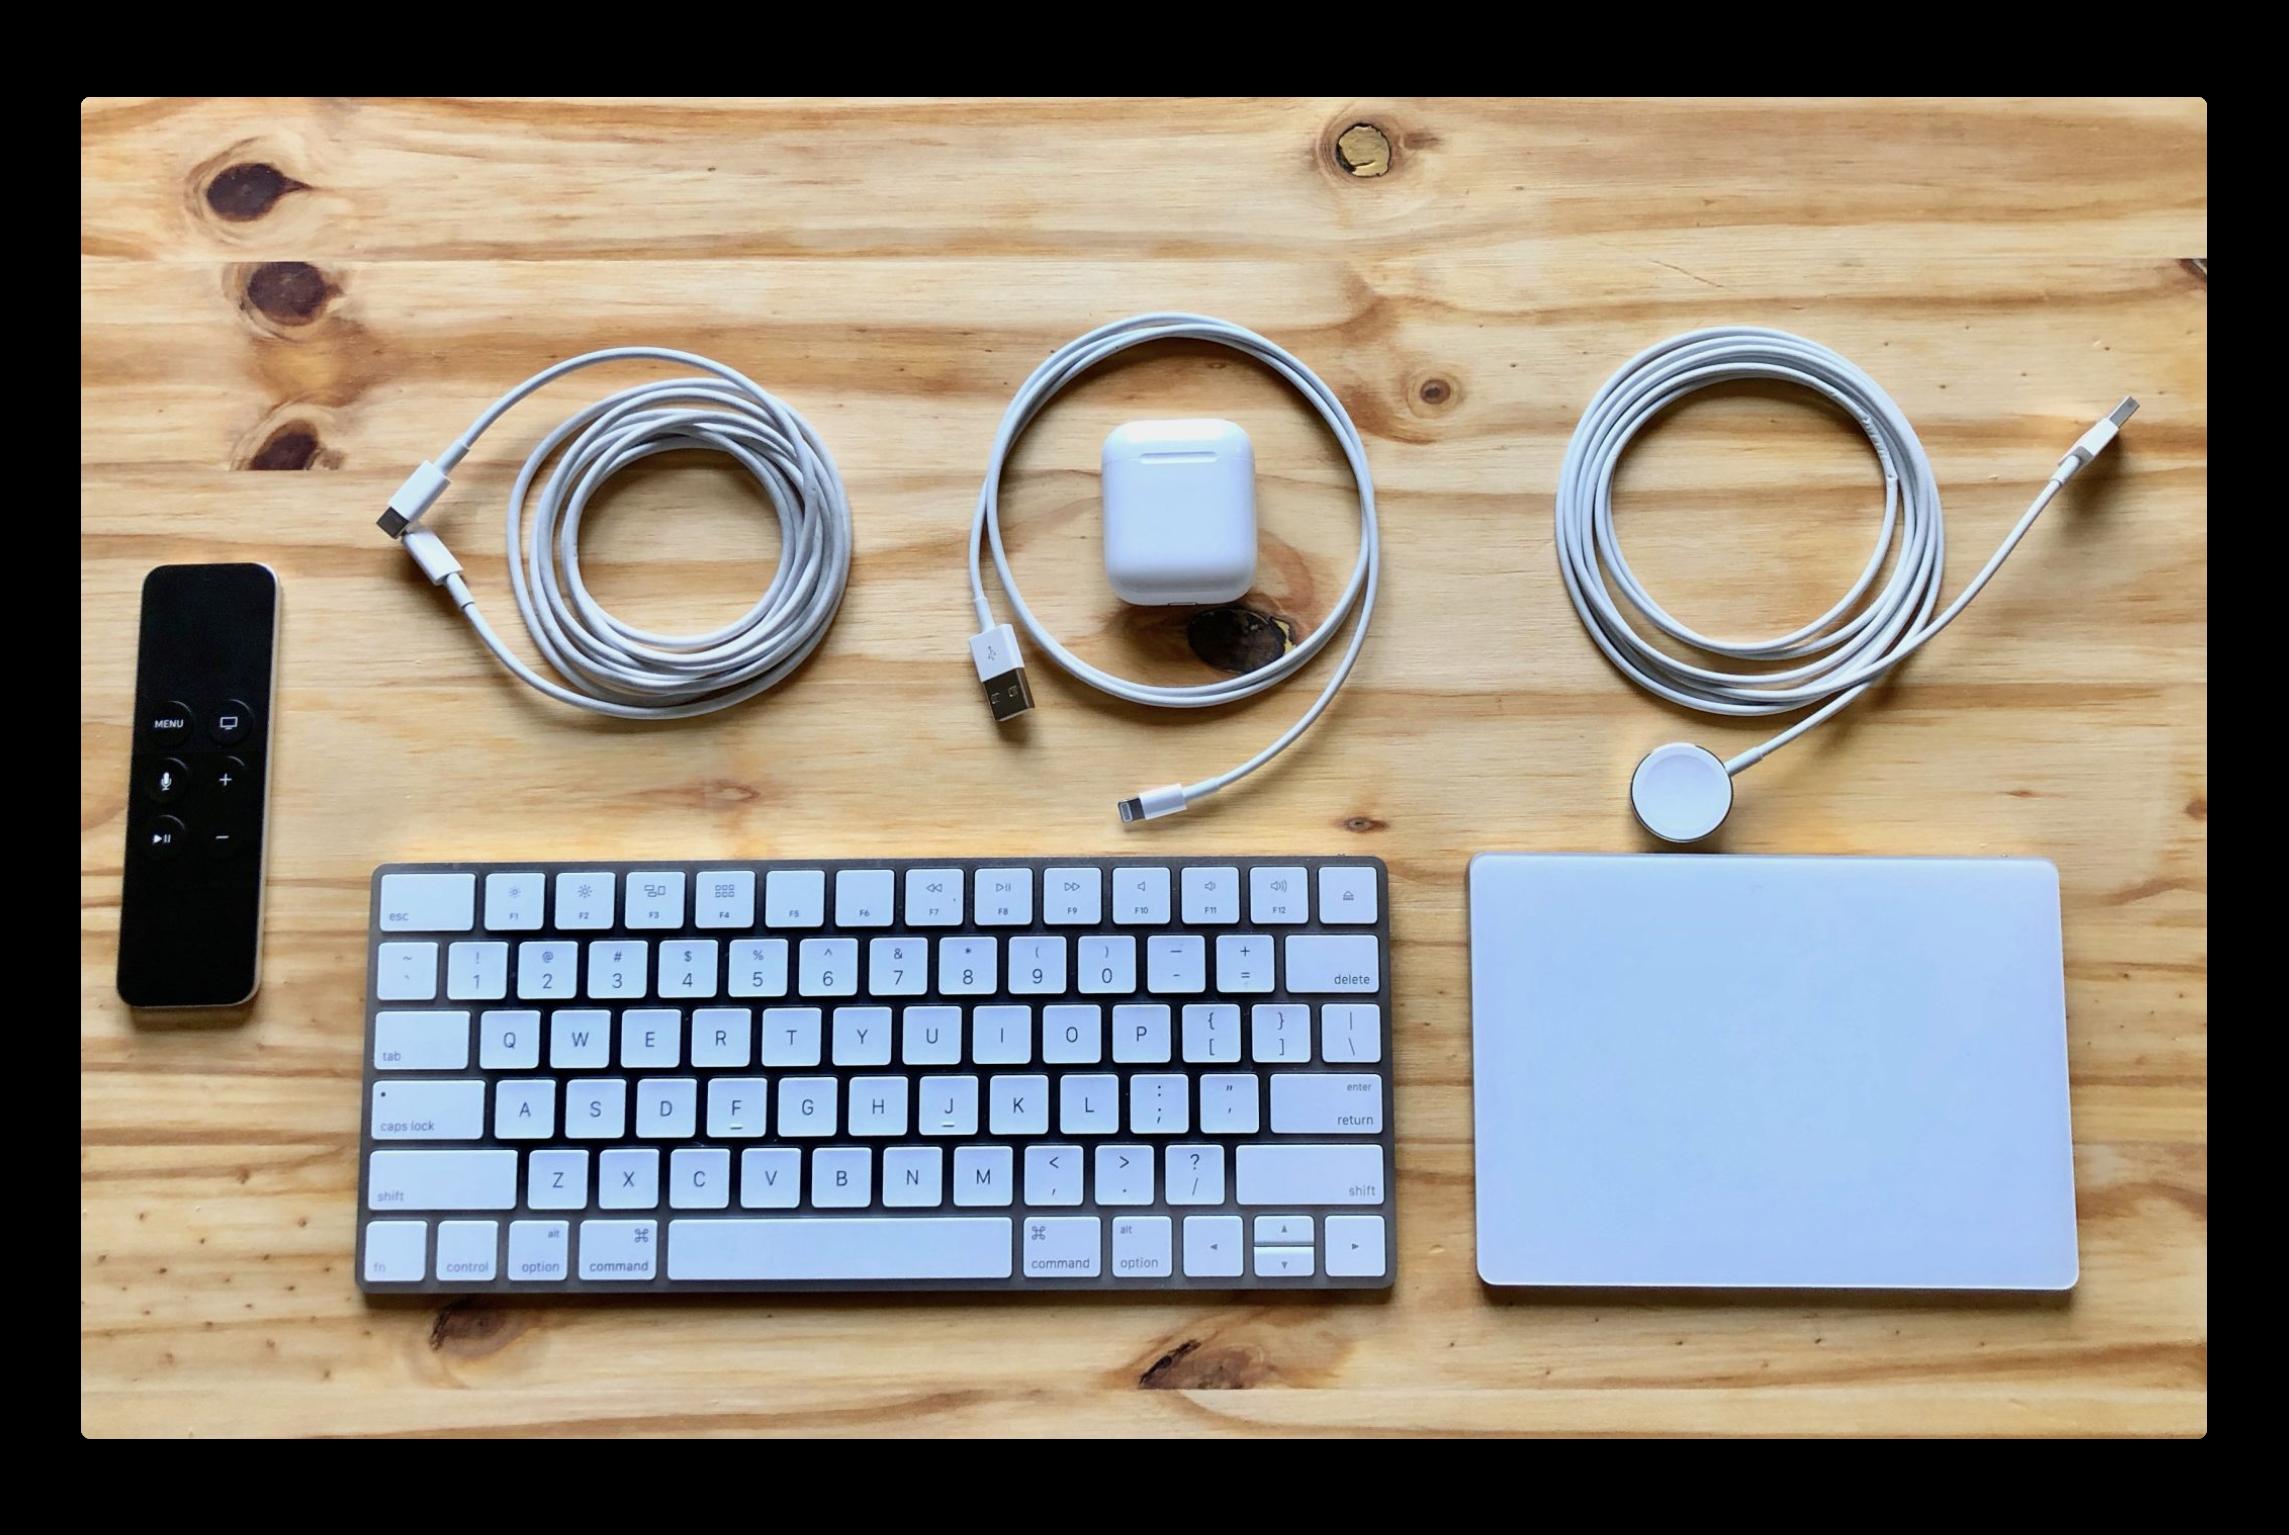 Appleのケーブル、キーボード、マウス、トラックパッドなどのクリーニング方法